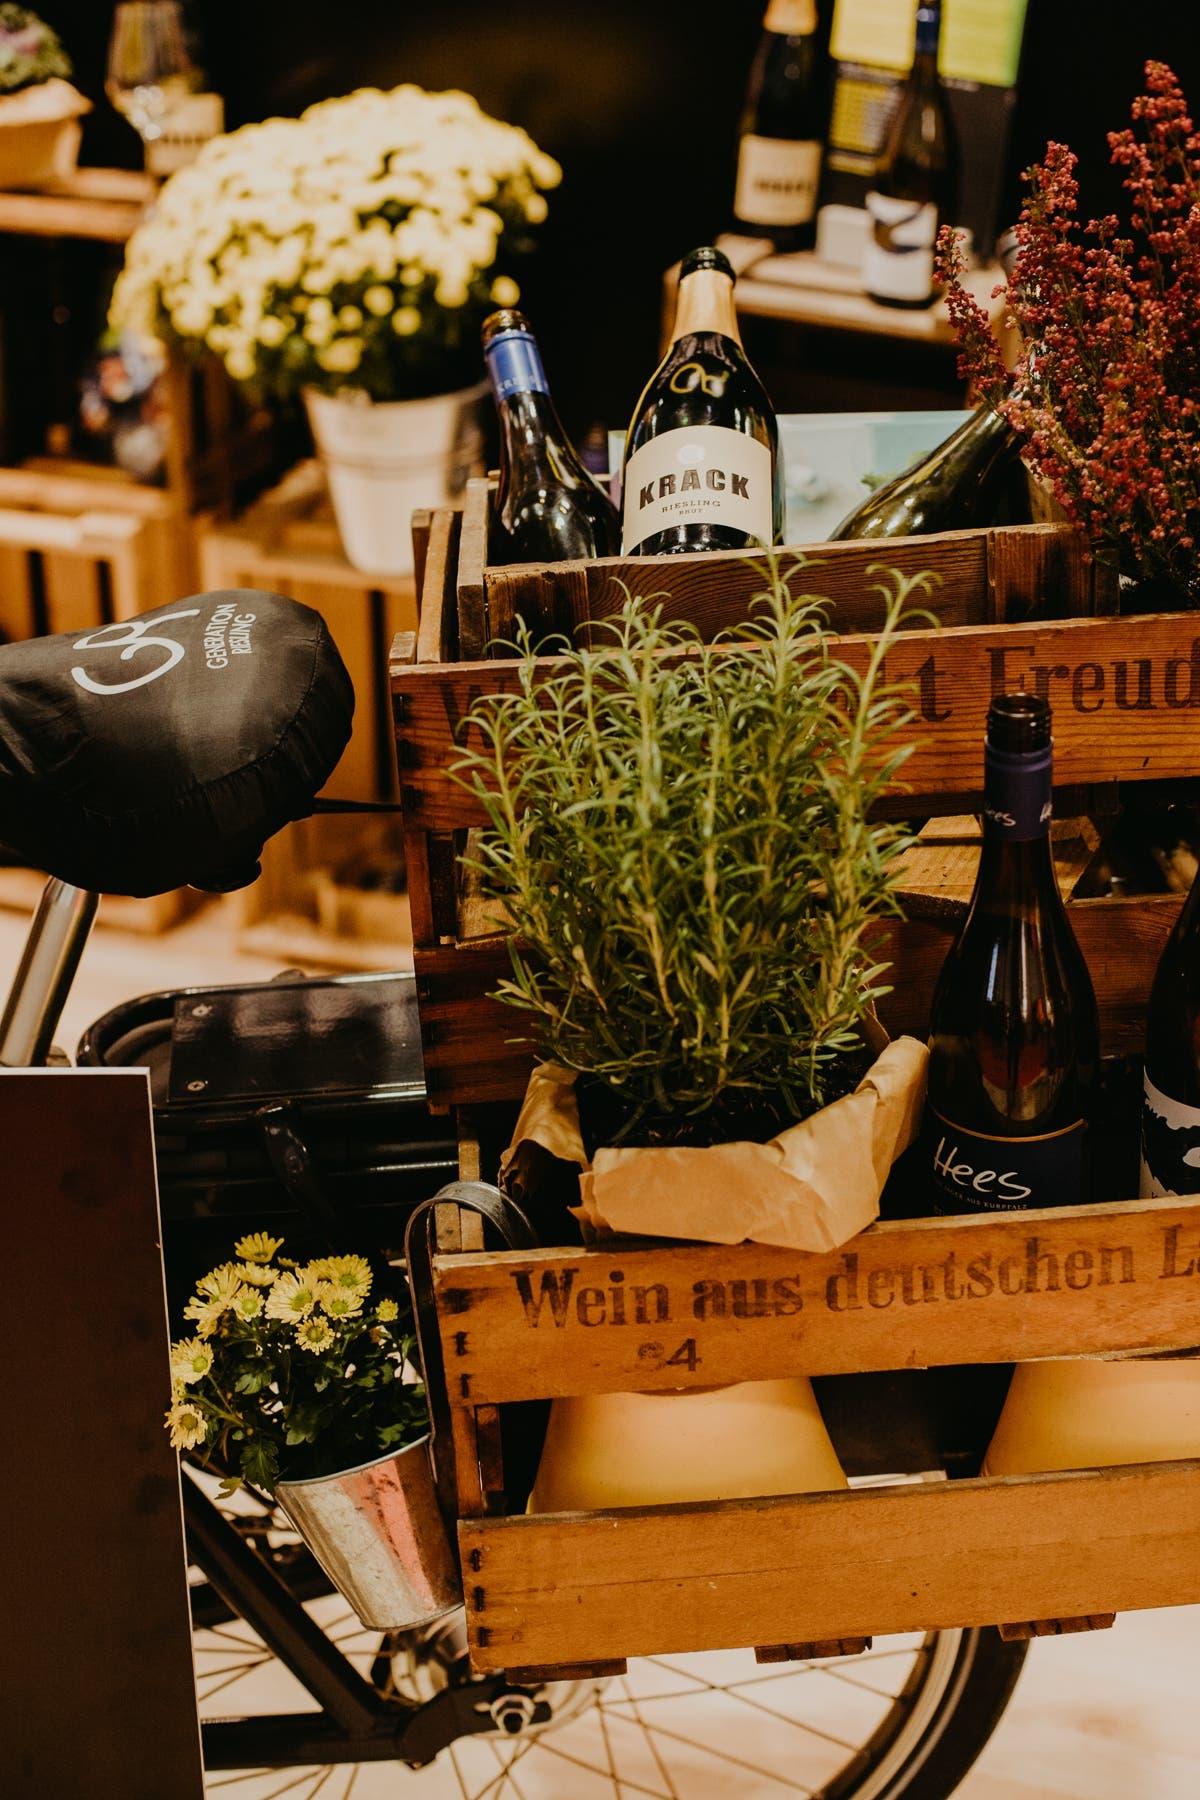 Fahrrad mit Weinkiste, Weinflasche und Rosmarin auf dem Gepäckträger.